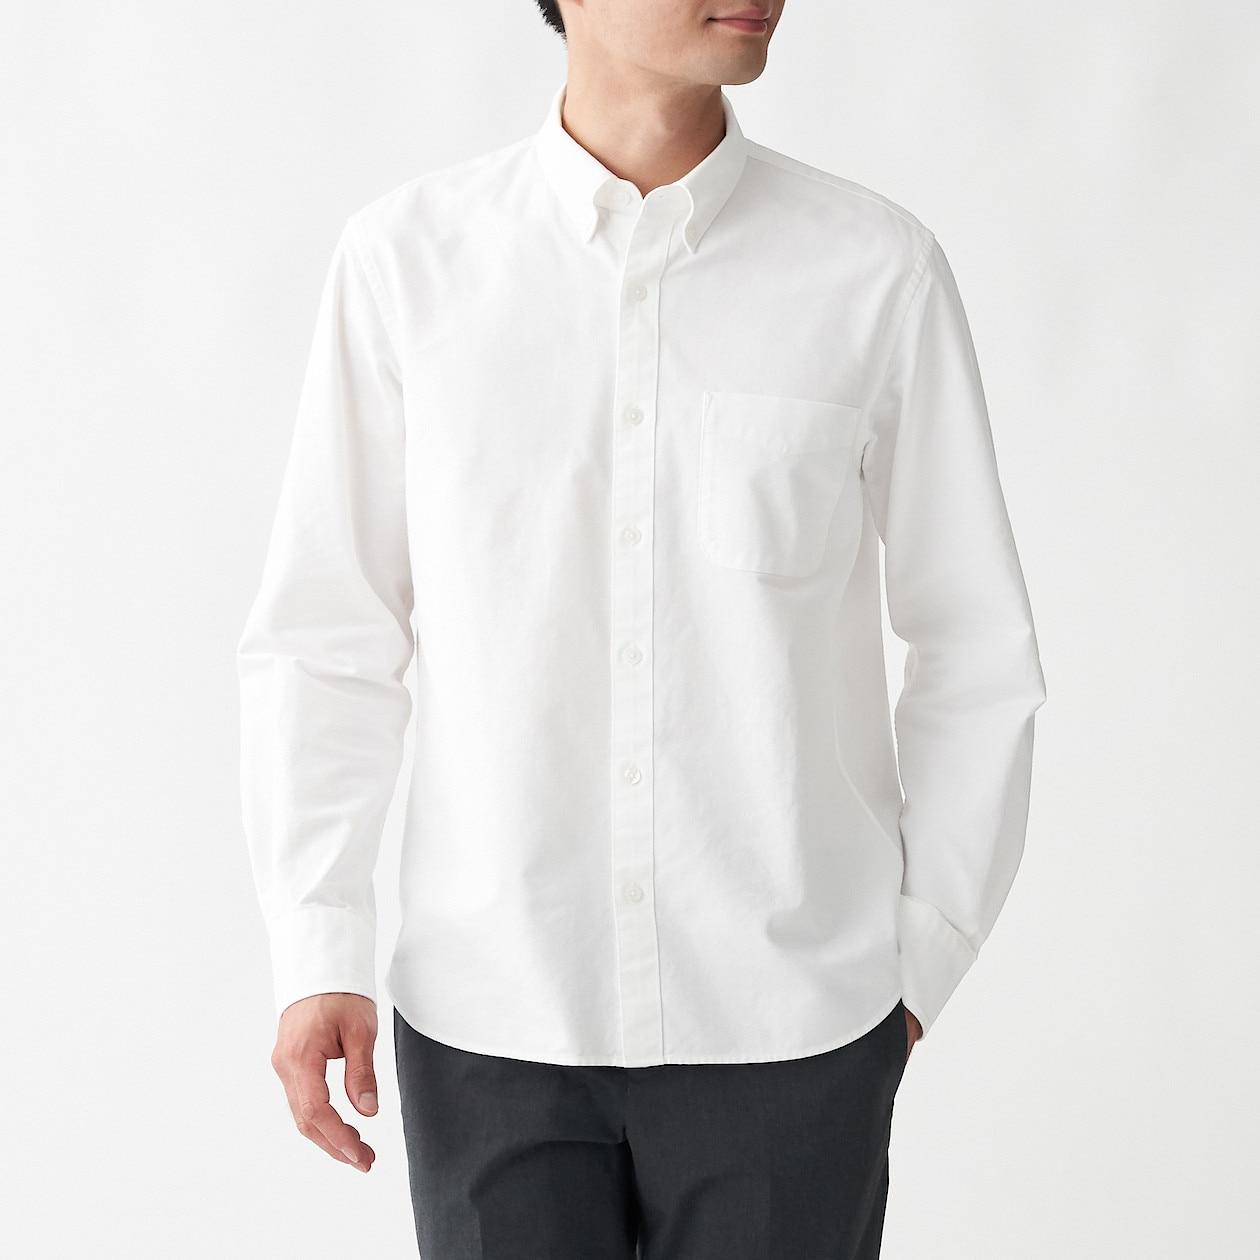 男有機棉水洗牛津布扣領襯衫 白色XS | 無印良品